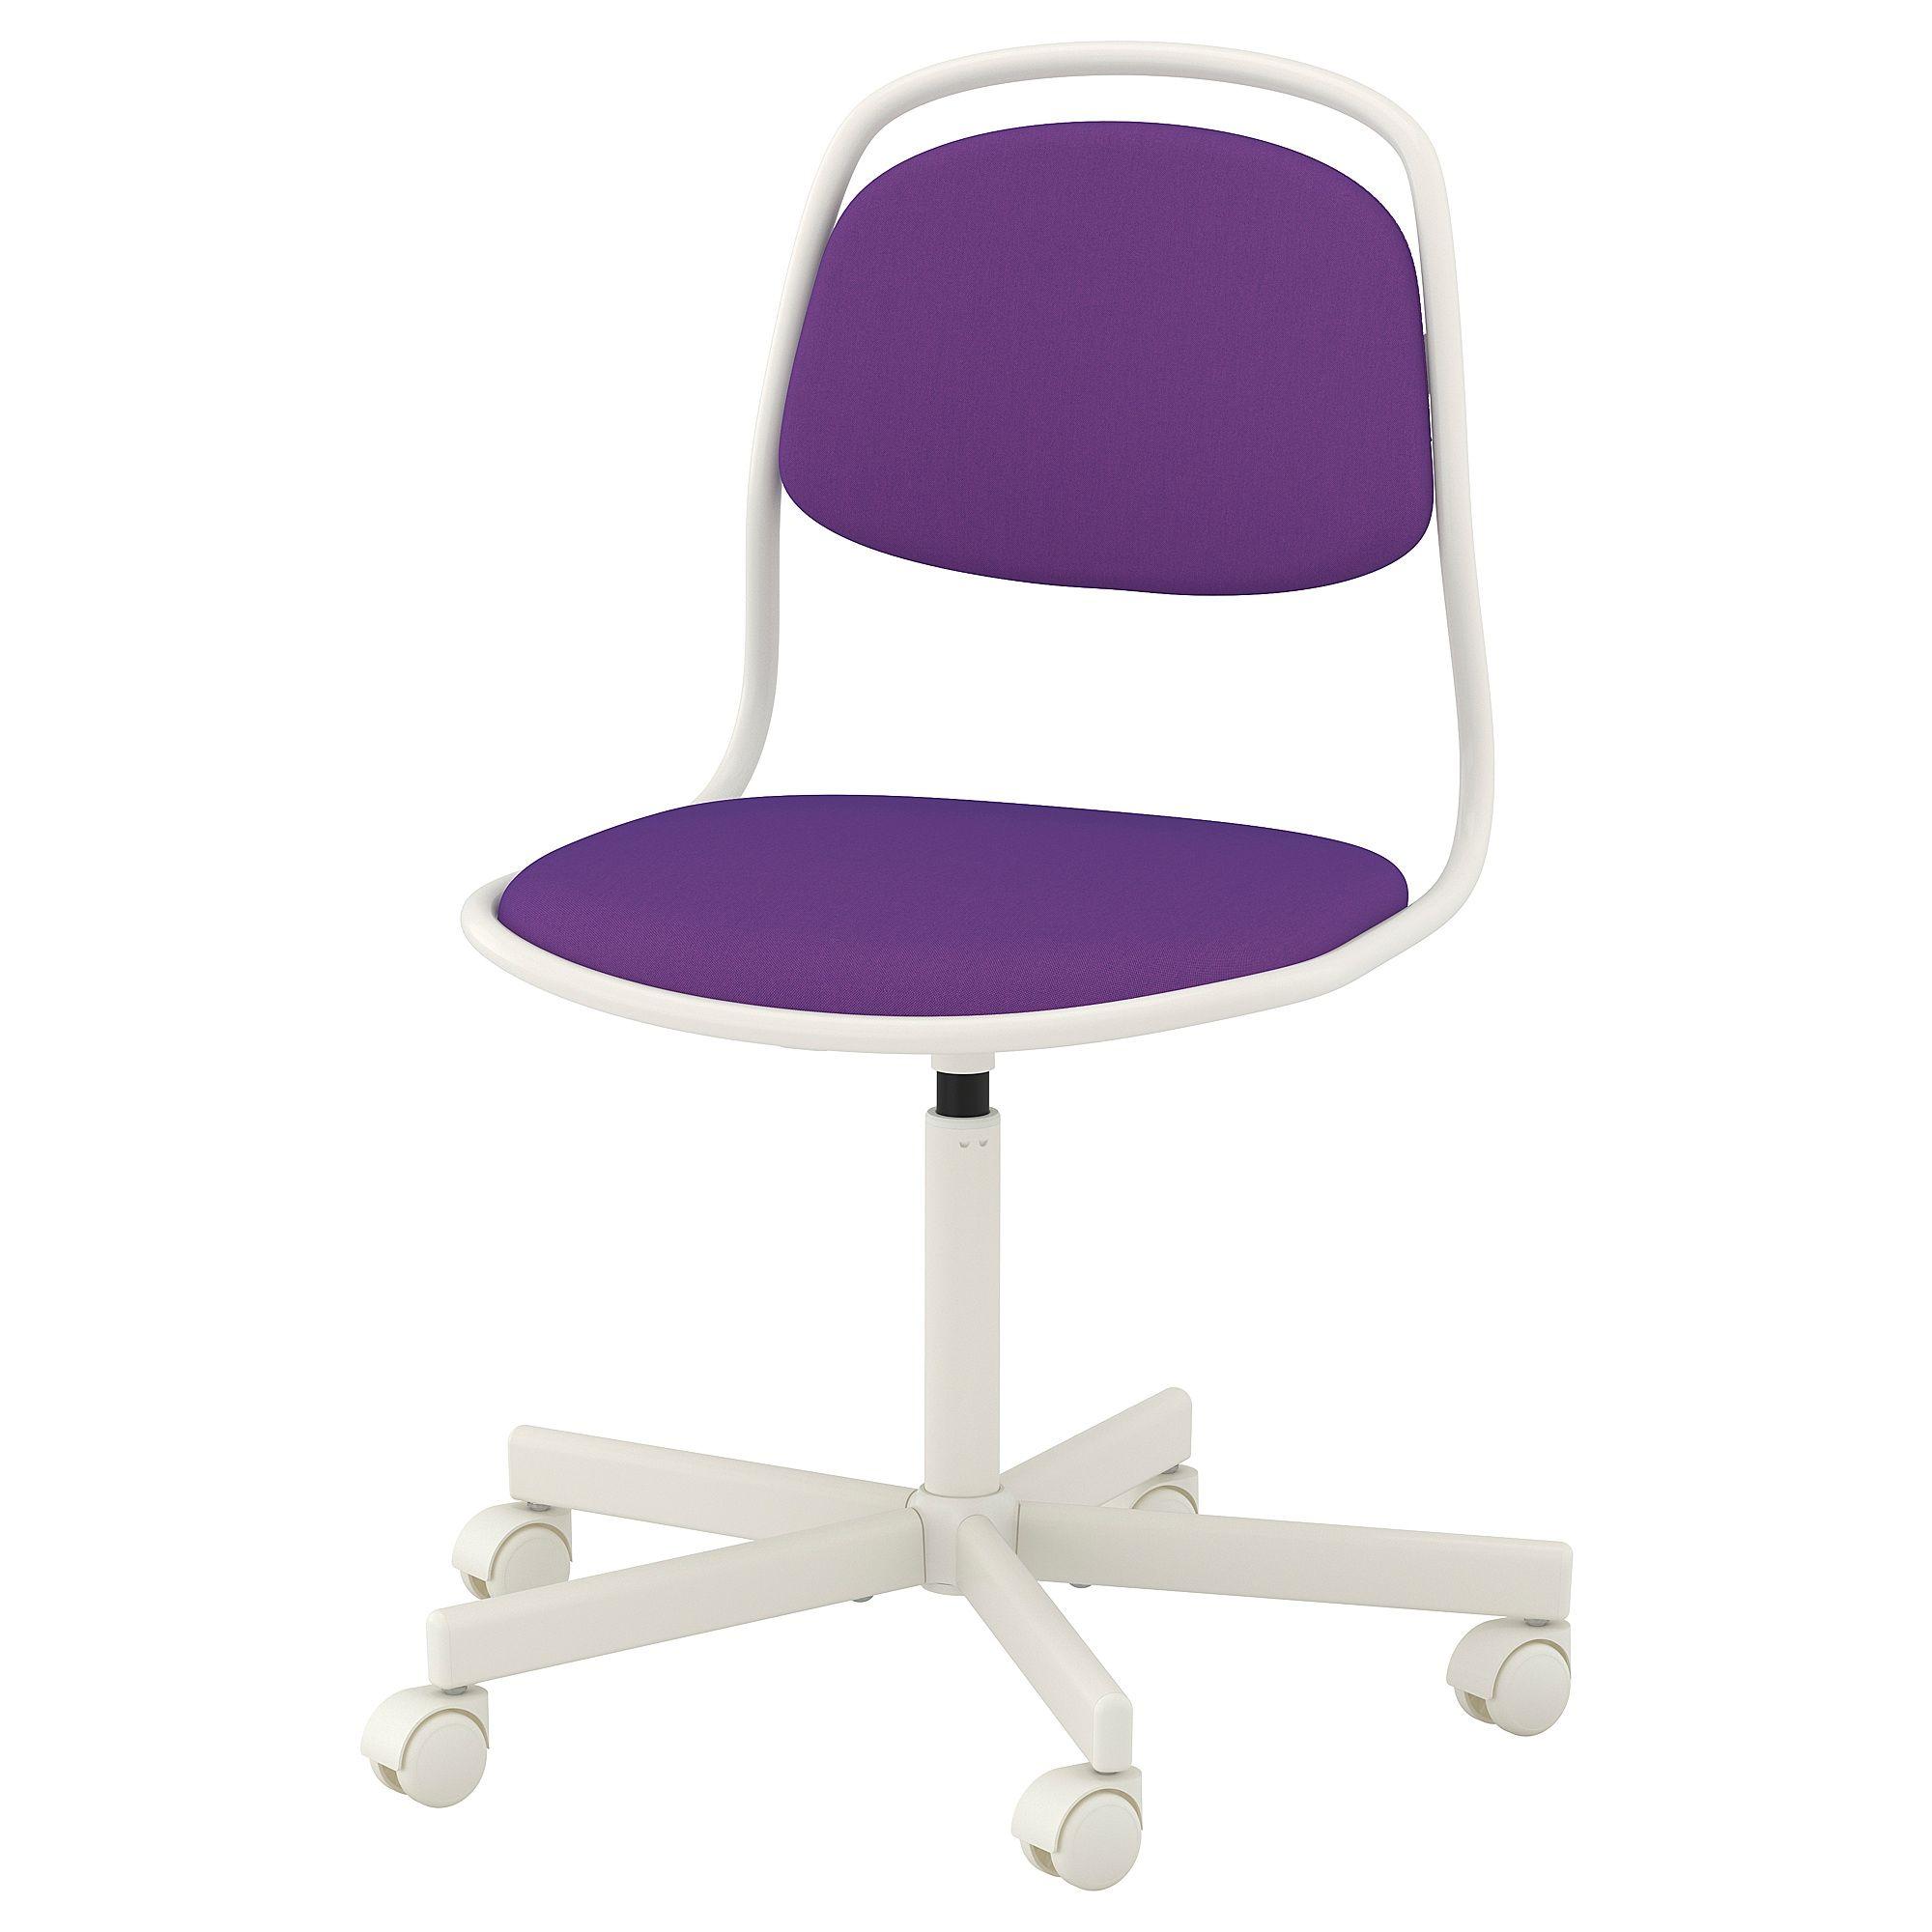 IKEA ÖRFJÄLL Swivel chair white, Vissle purple   Swivel